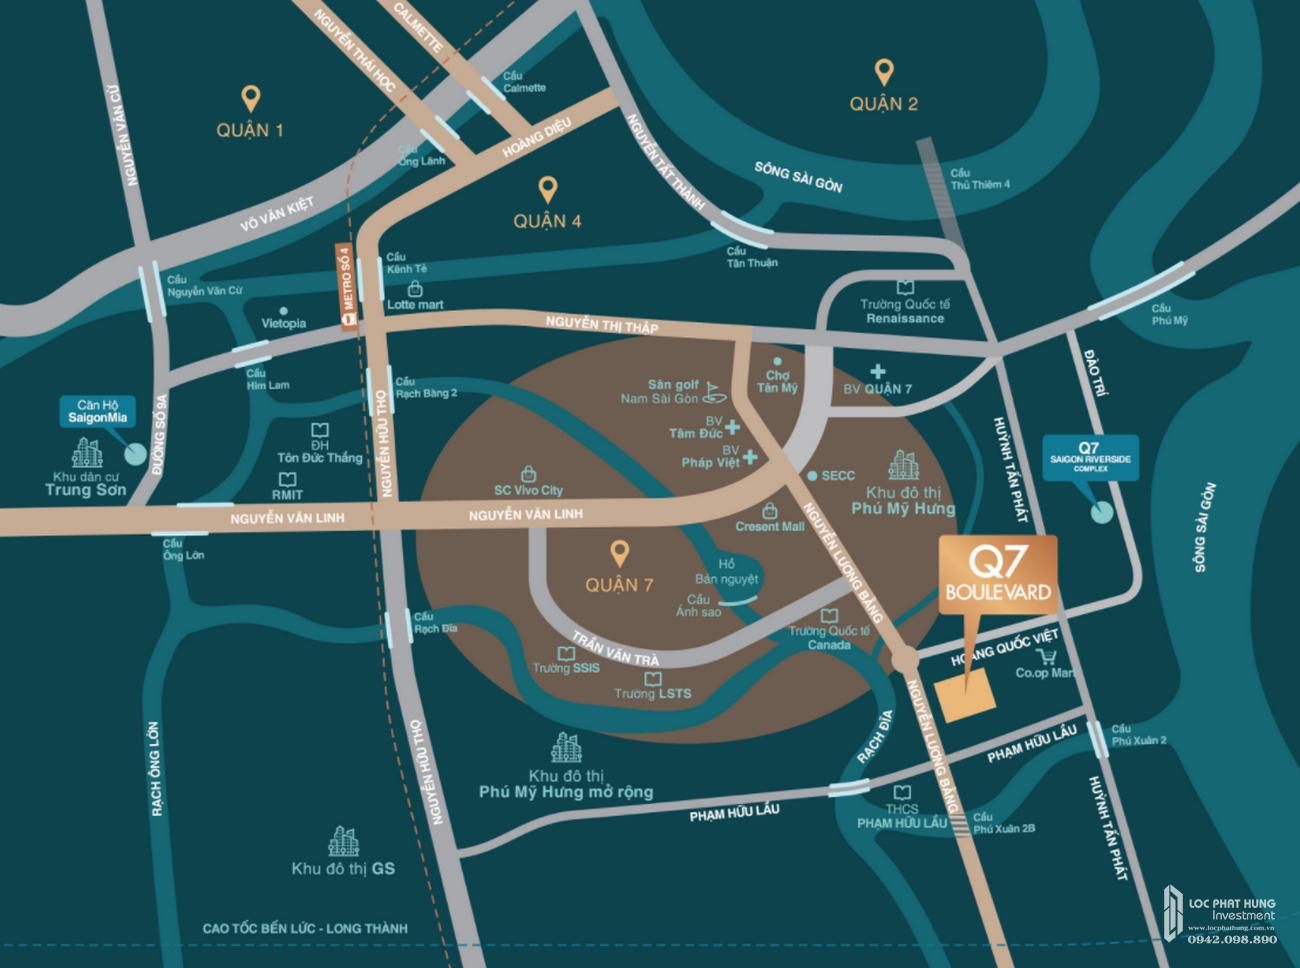 Vị trí địa chỉ dự án căn hộ chung cư Q7 Boulevard Quận 7 Đường Nguyễn Lương Bằng chủ đầu tư Hưng Thịnh